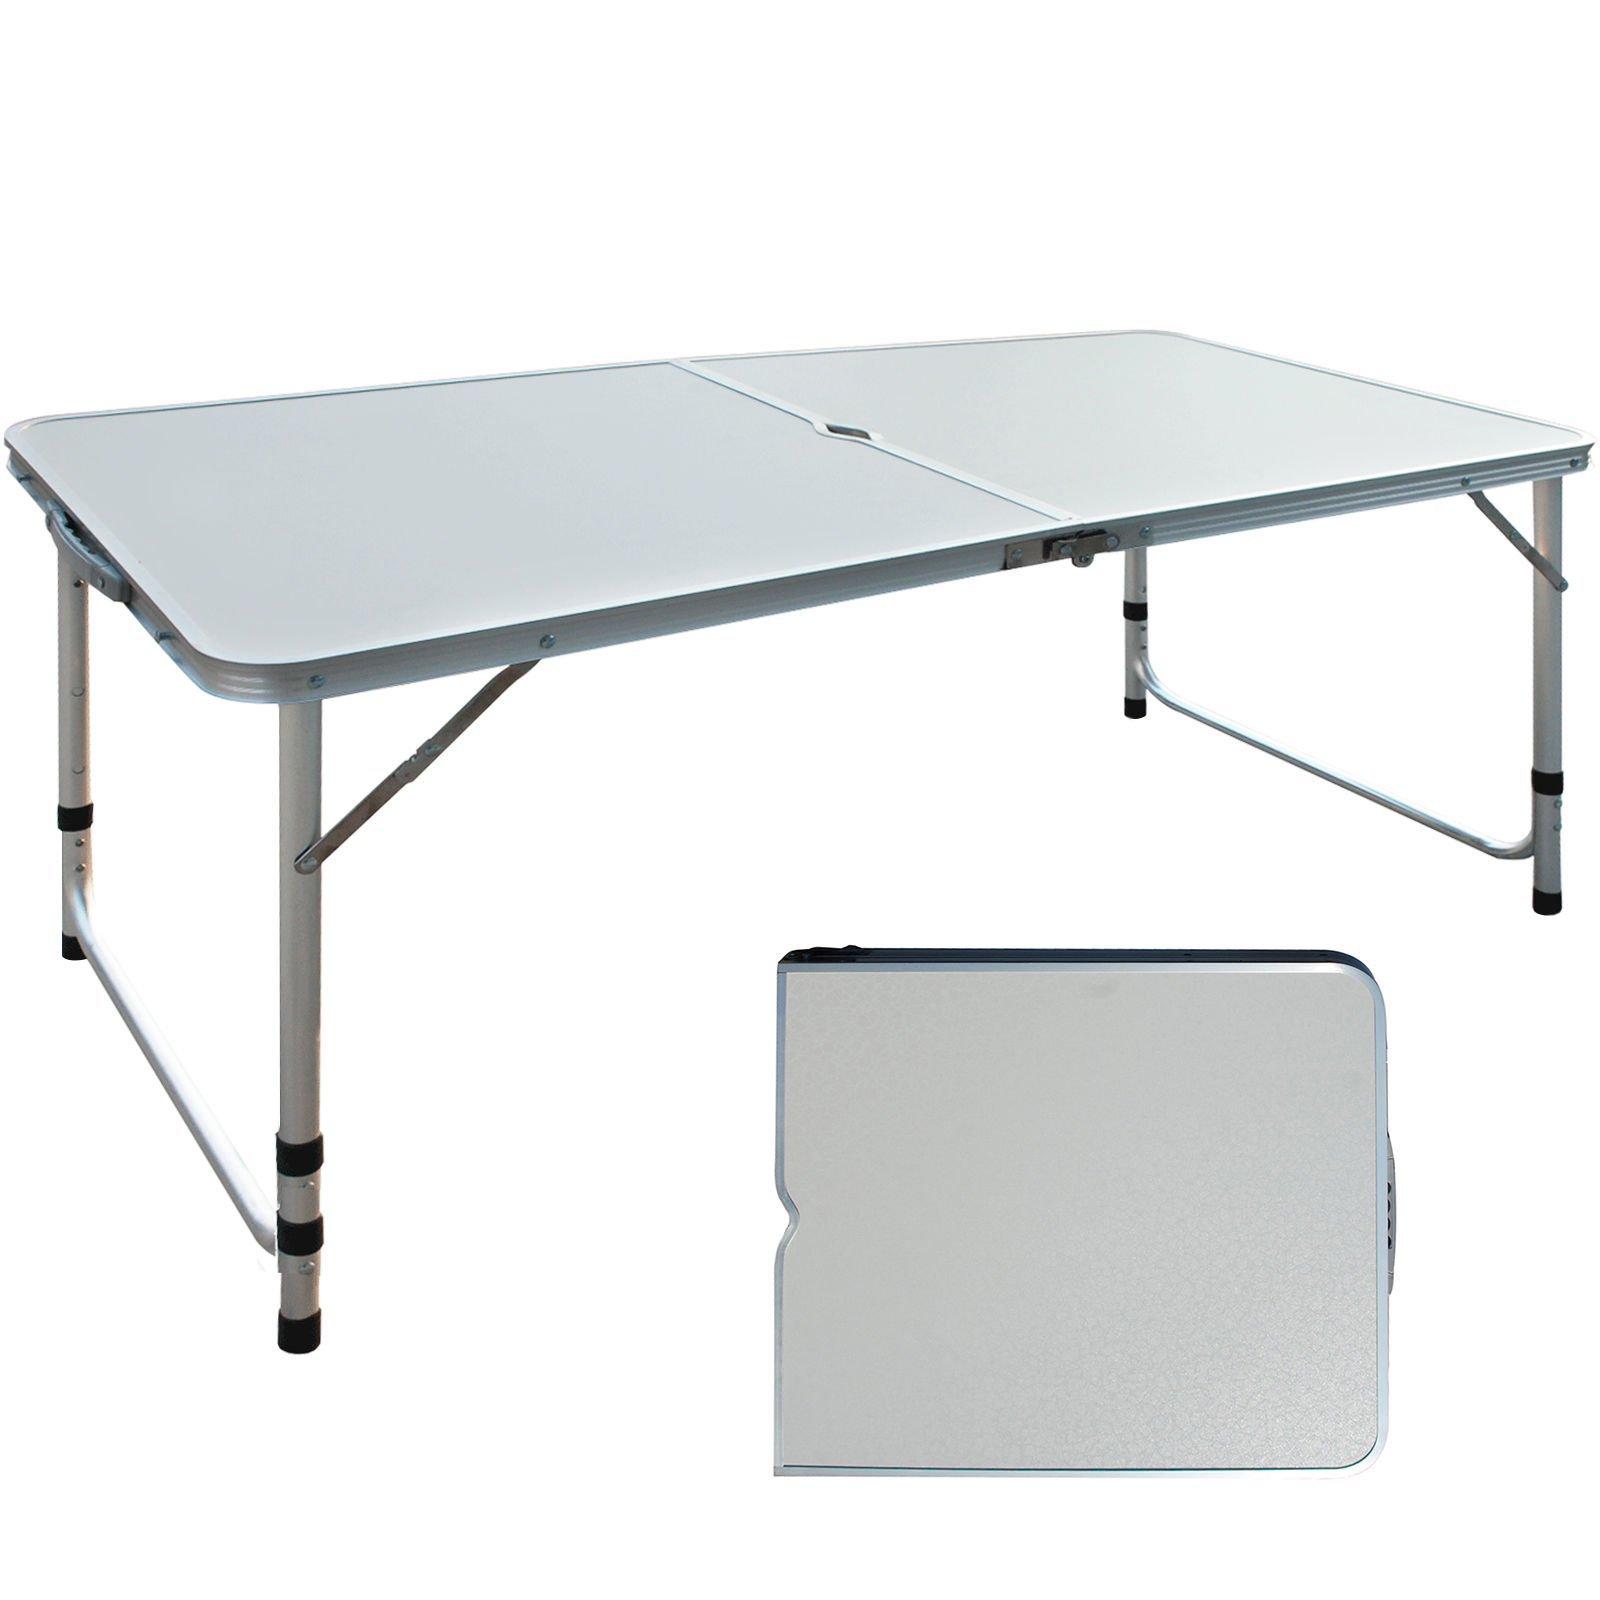 Aluminium Adjustable Camping Folding Portable Picnic Garden Patio Outdoor Table